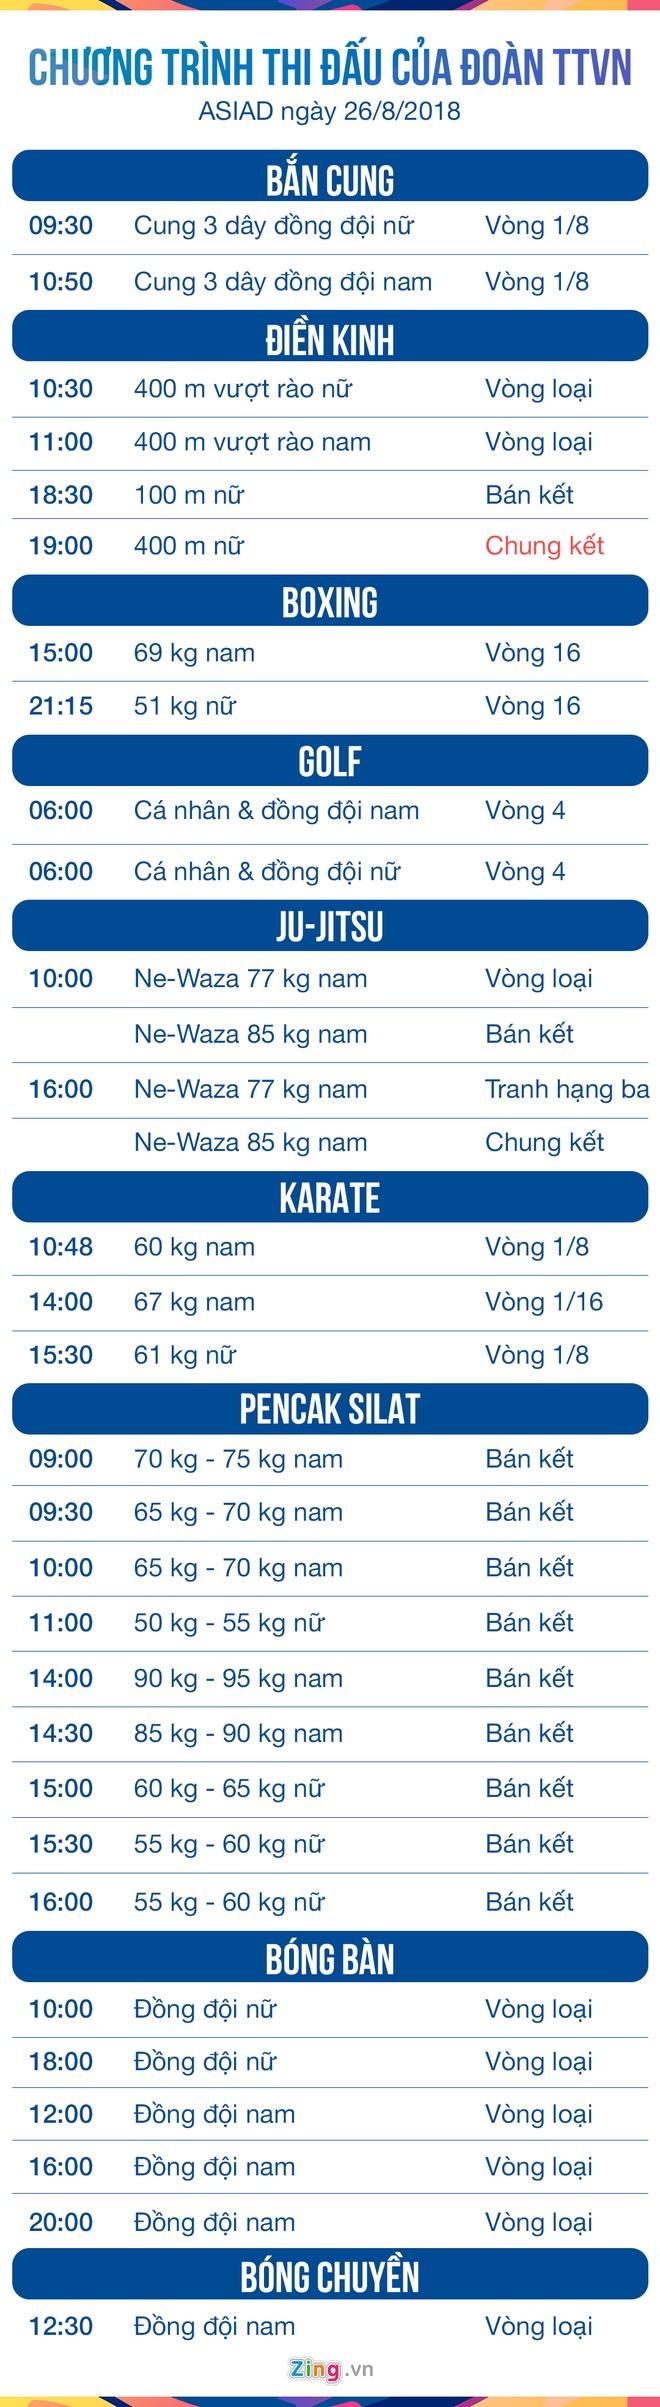 ASIAD ngay 26/8: Le Tu Chinh khong the vao chung ket chay 100 m nu hinh anh 1